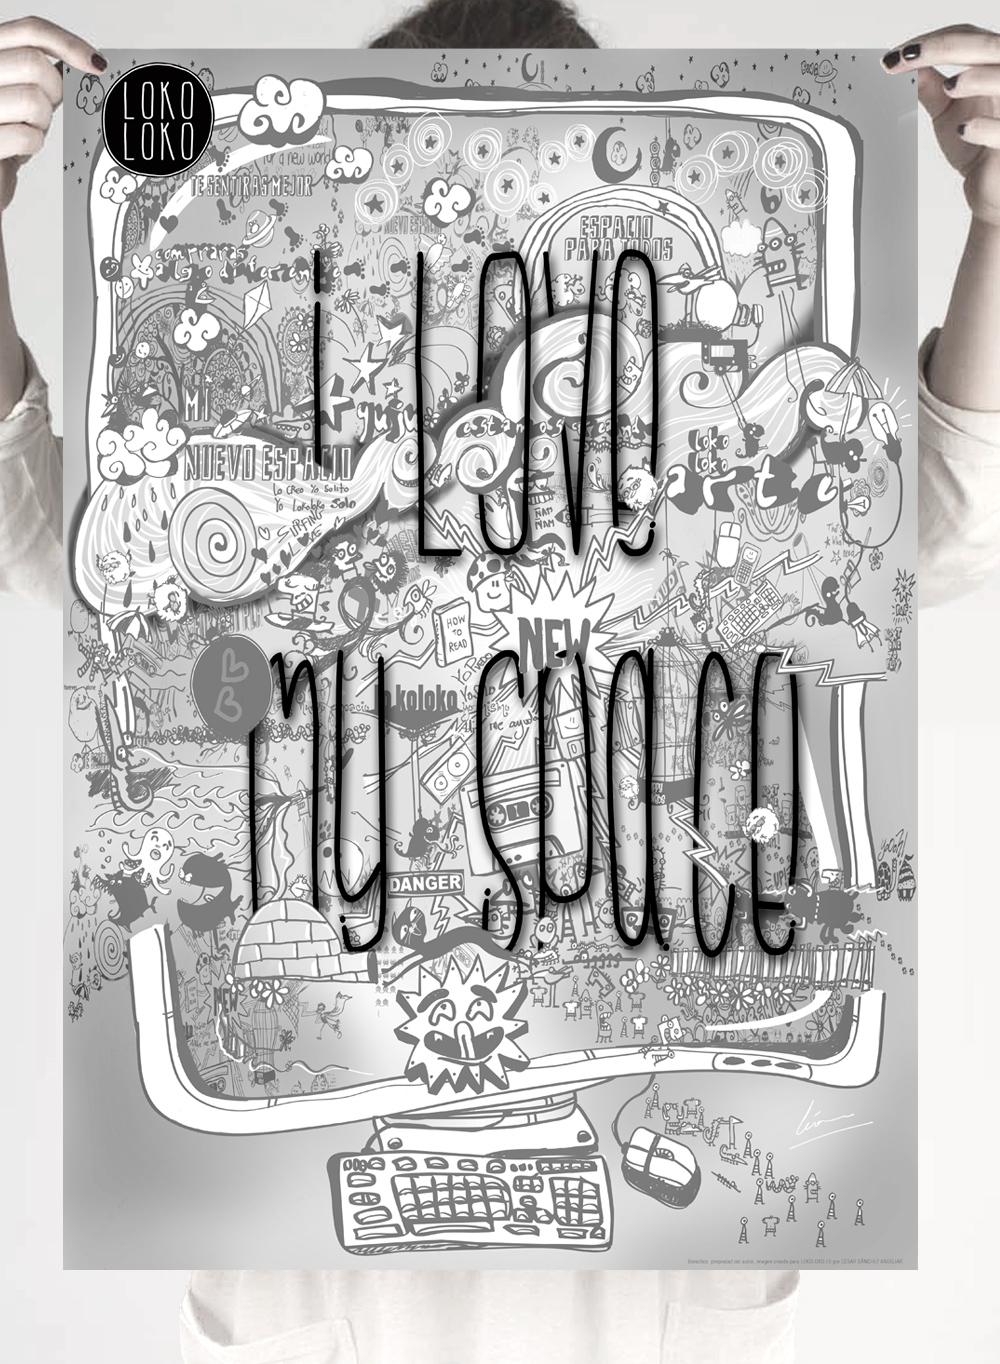 lokoloko ilustracion poster